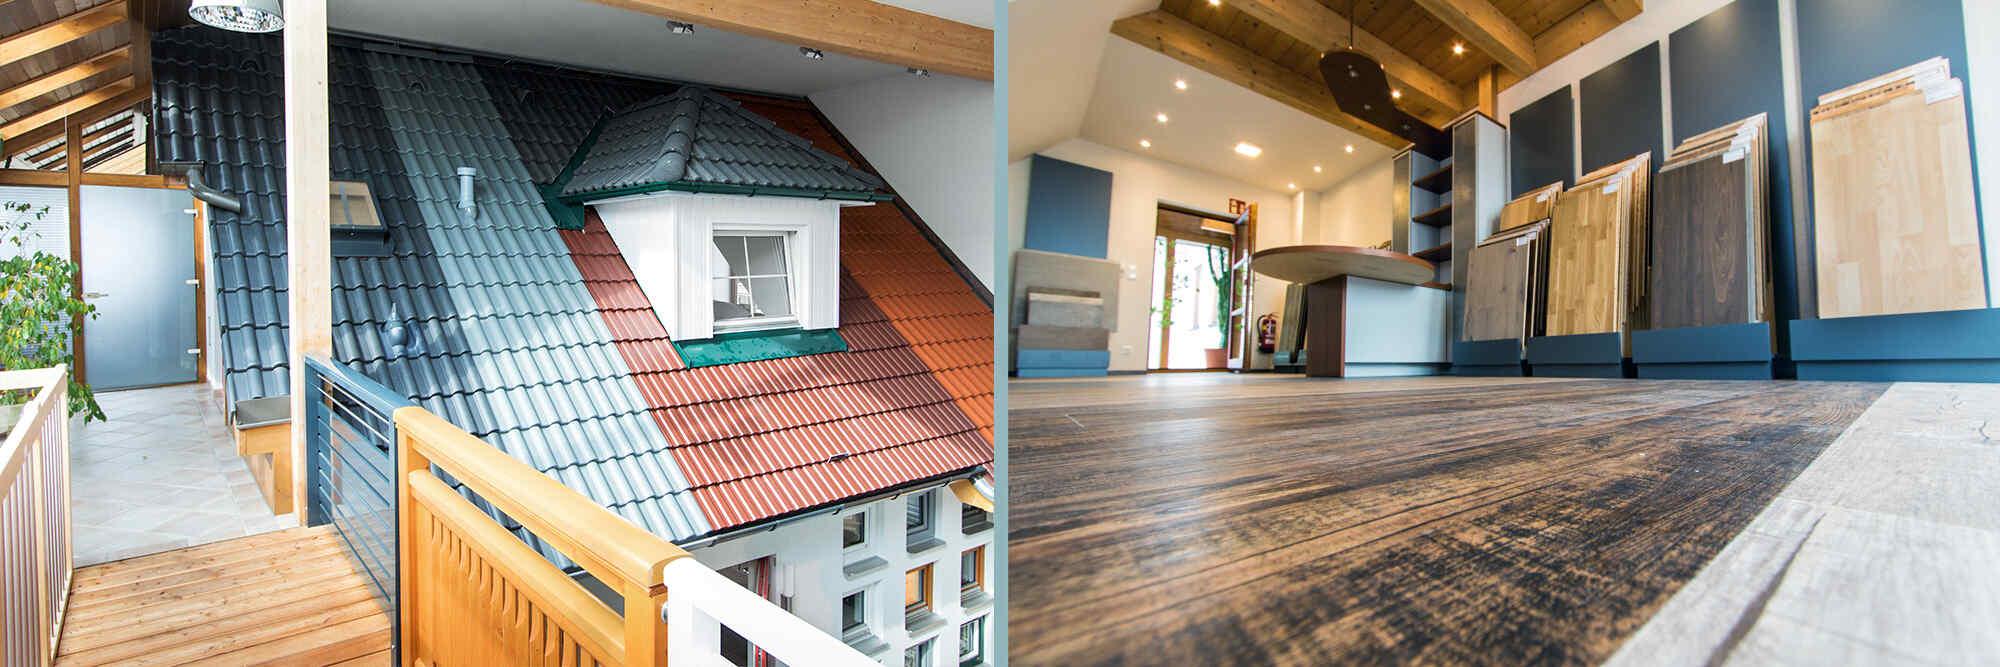 haus bauen schritte schritte hausbau vario haus fertigteilh user. Black Bedroom Furniture Sets. Home Design Ideas